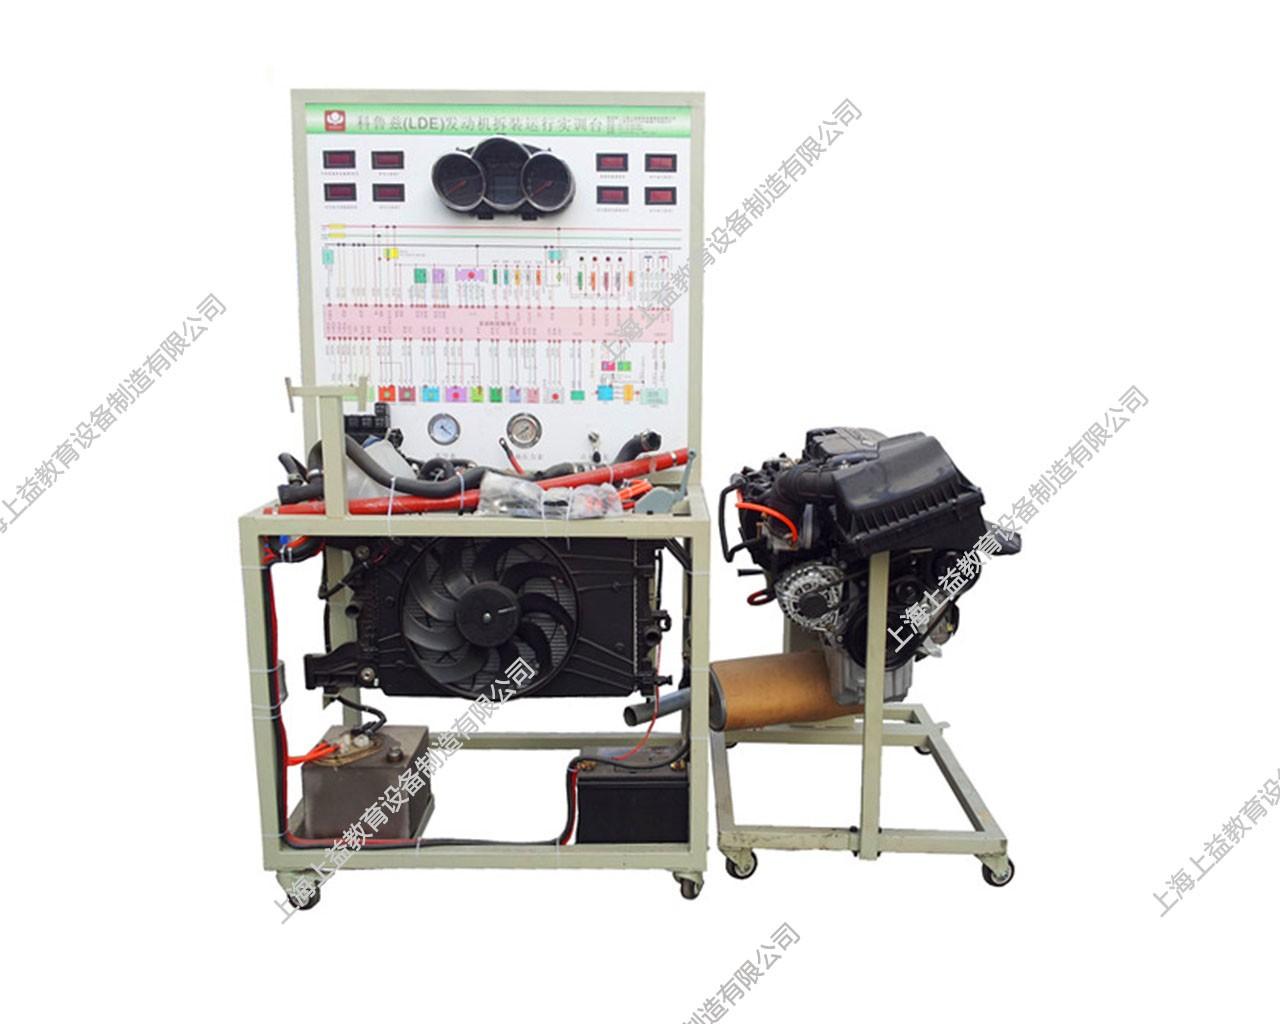 电控汽油发动机拆装运行wwwlehu8vip台(科鲁兹)